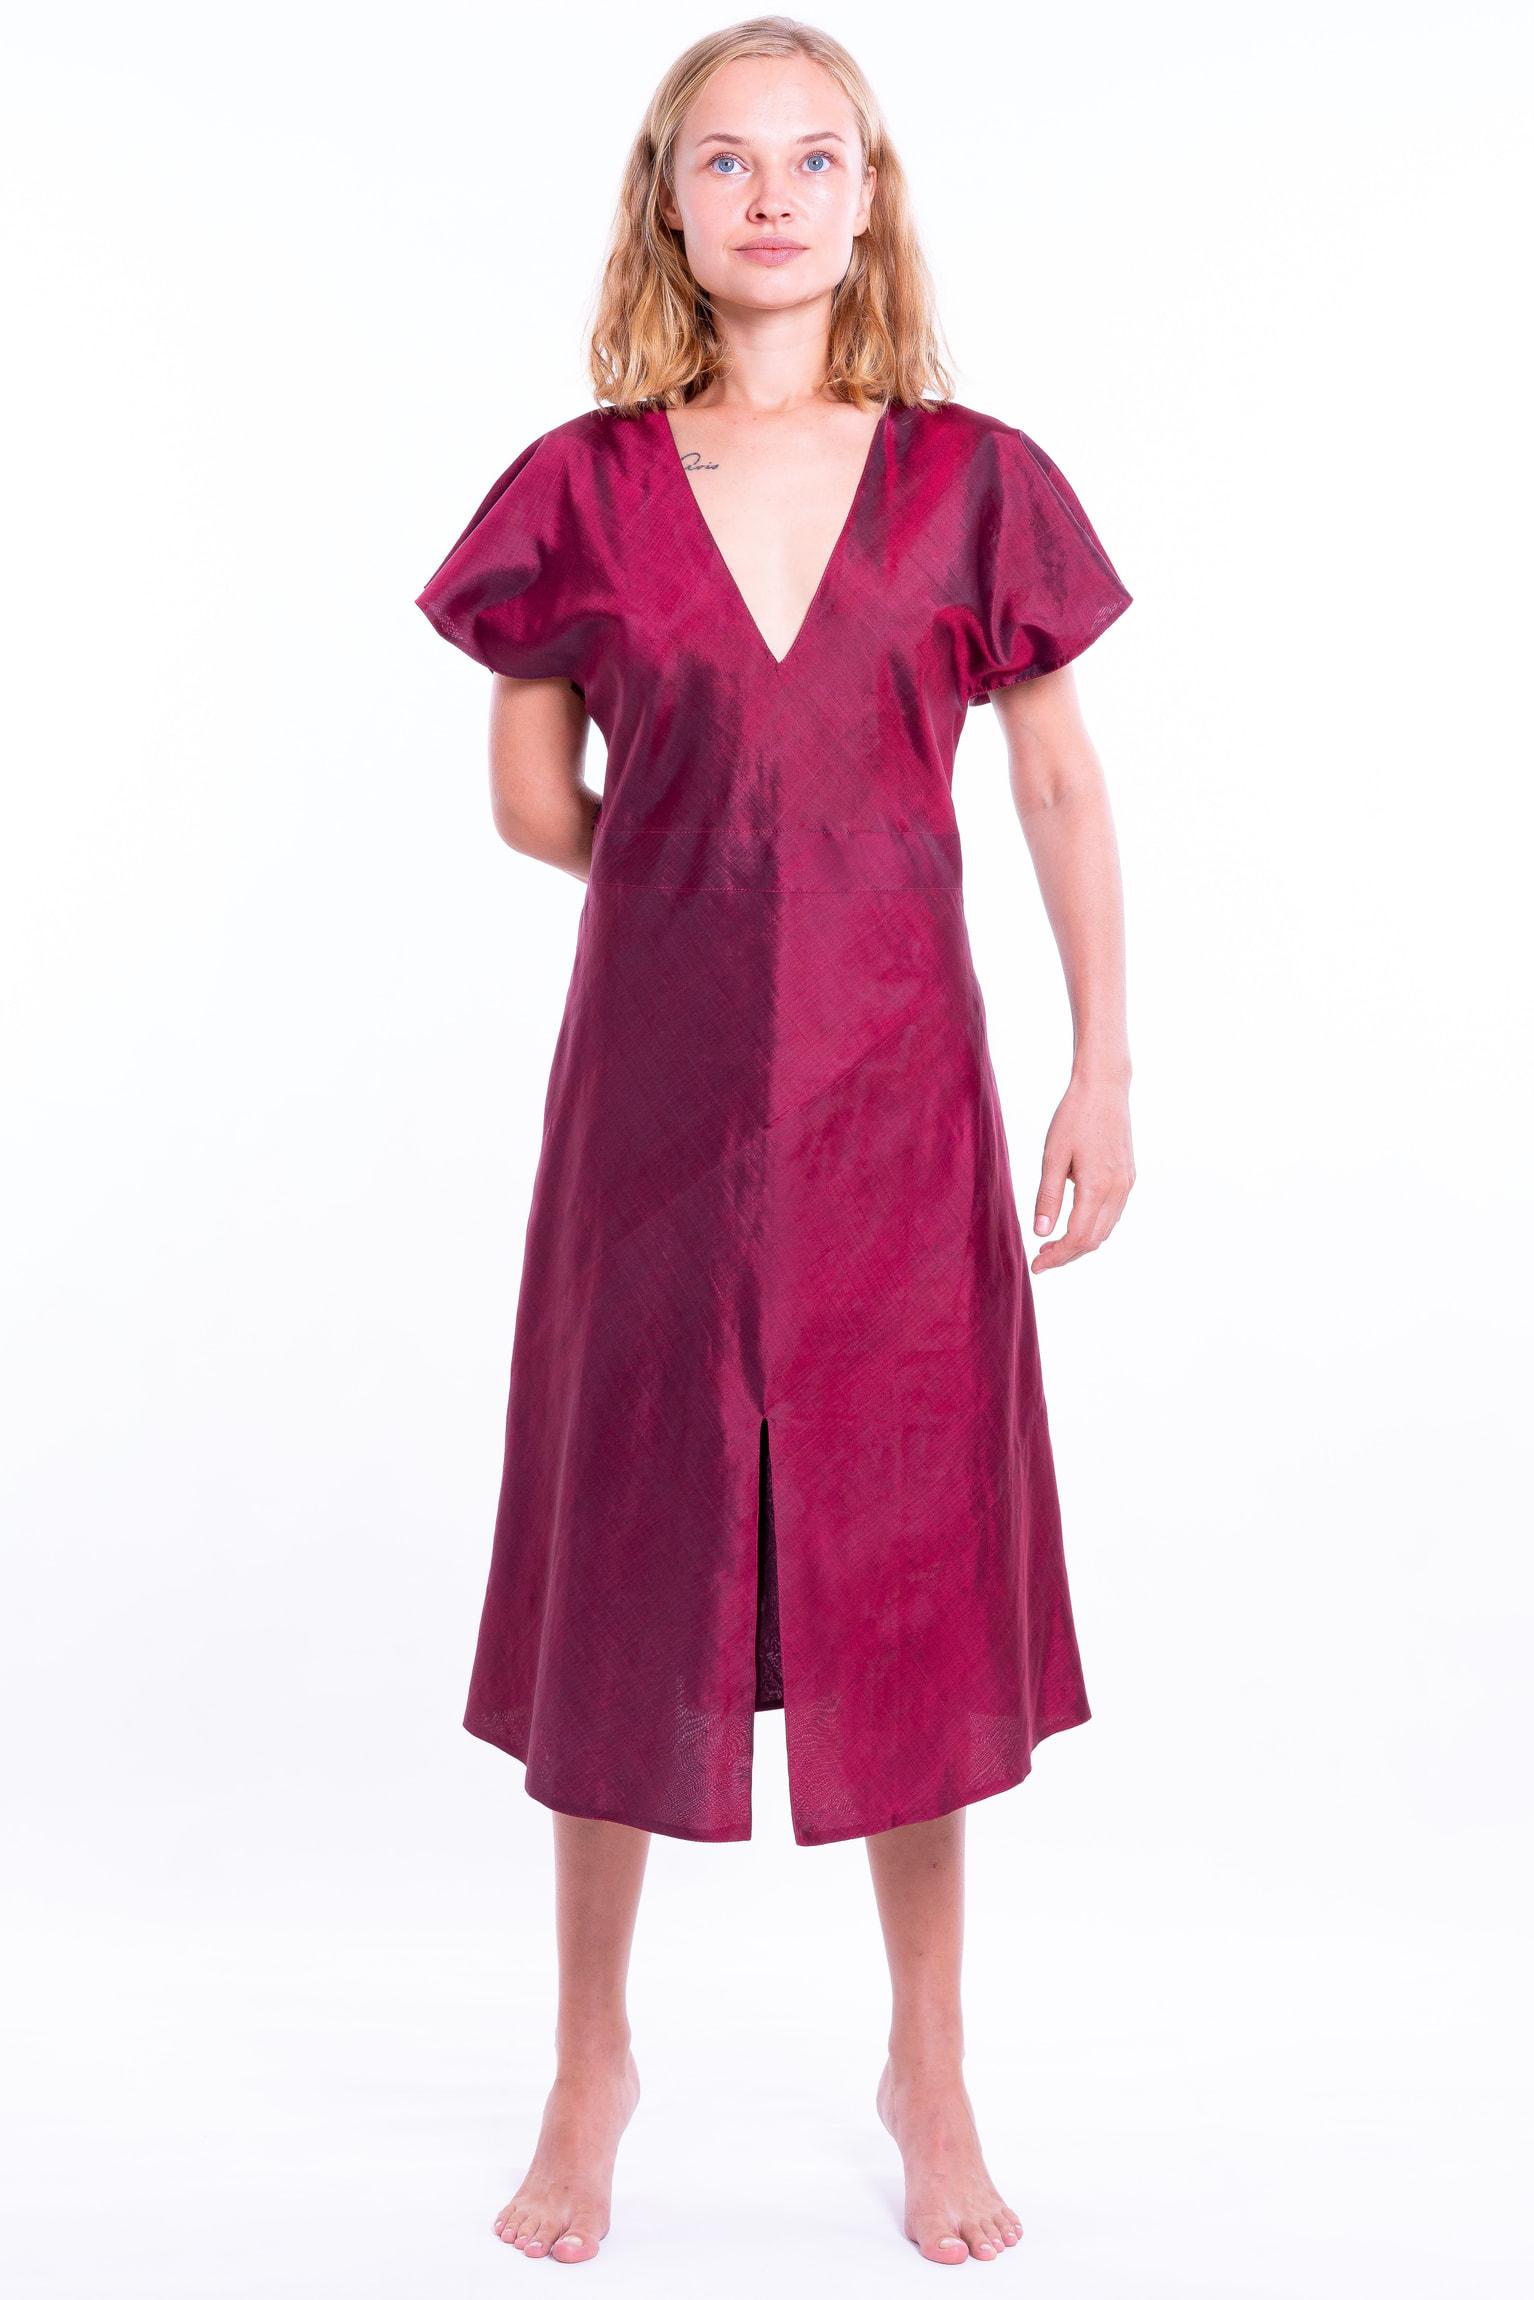 robe rouge en soie naturelle, manches courtes, décolleté en V, entièrement doublé, devant